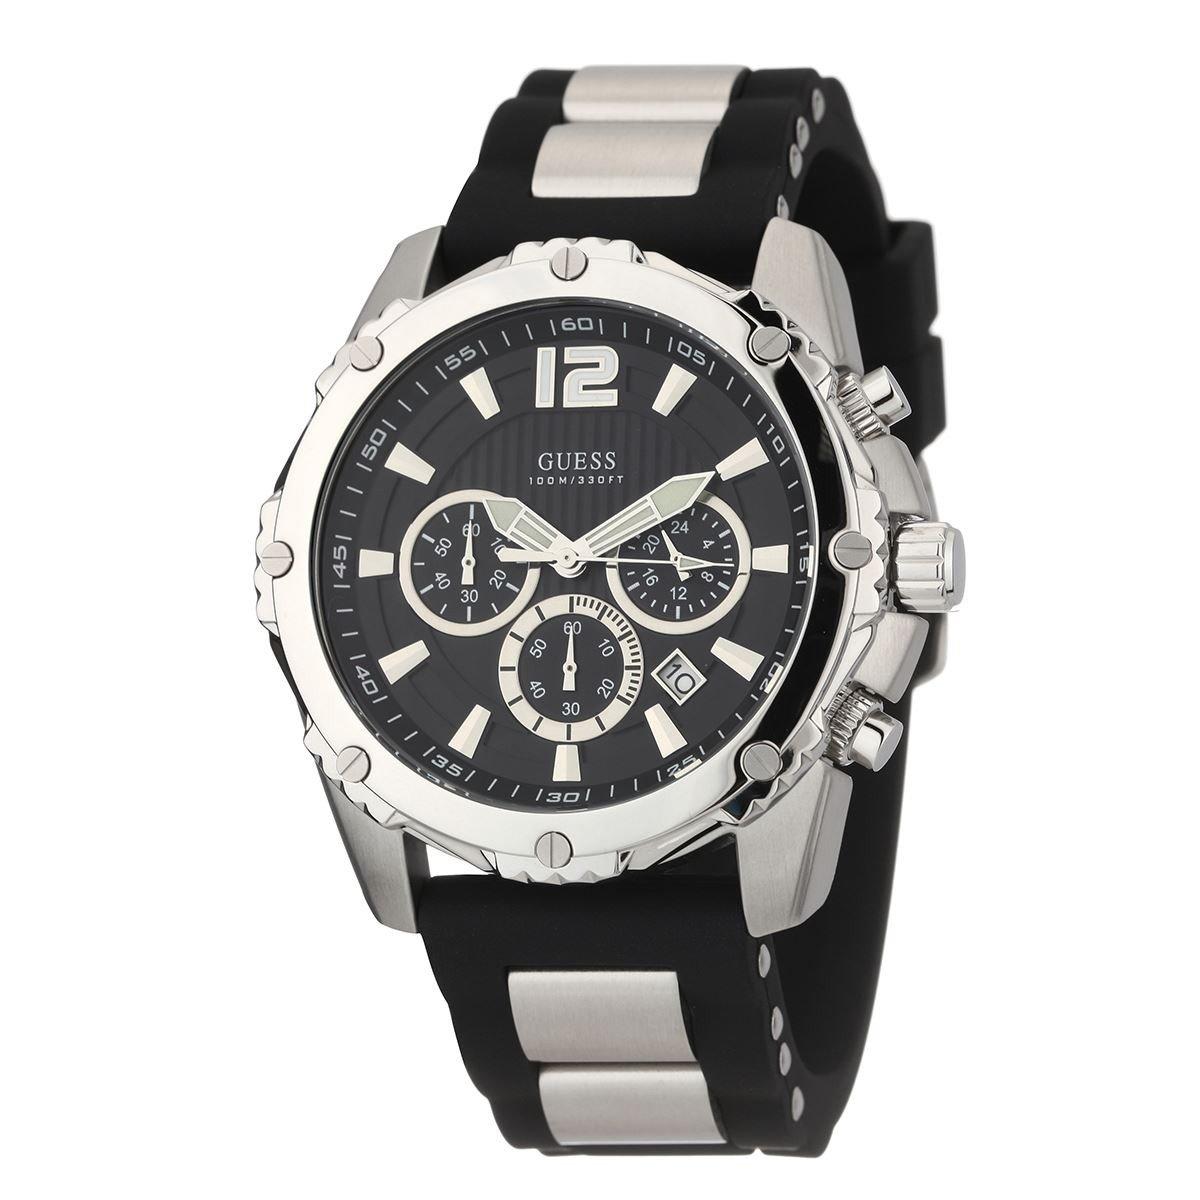 Часы Guess W0167G1 купить часы Гес W0167G1 в Киеве 279490e3d96f1